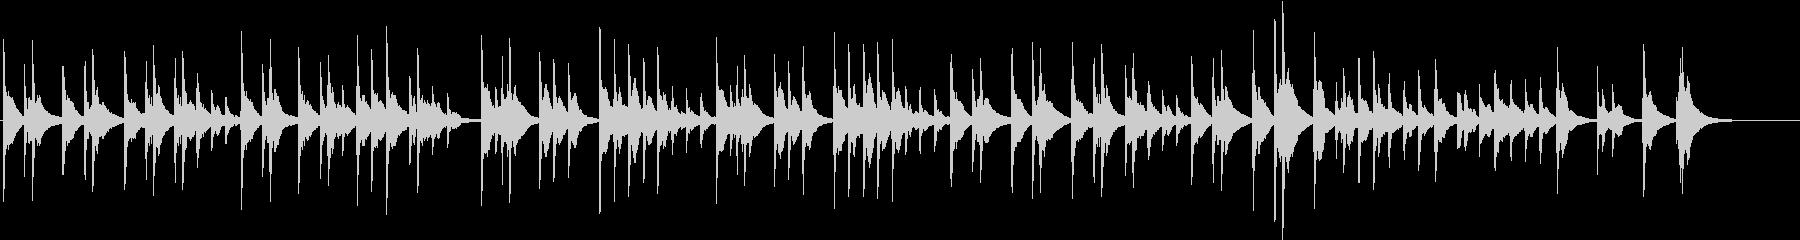 交響曲第9番第2楽章 家路 オルゴールの未再生の波形